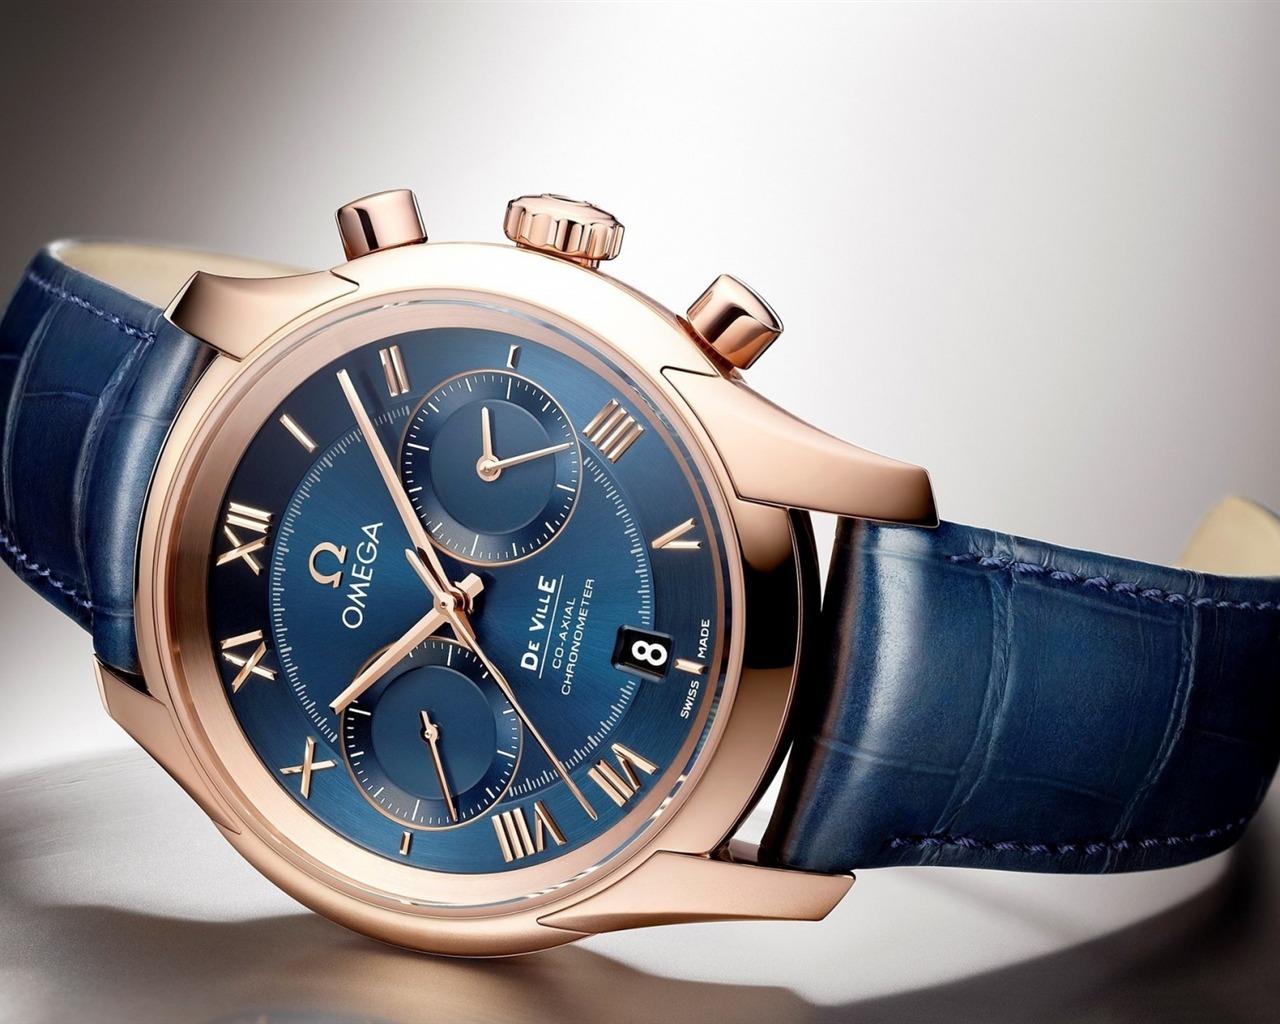 欧米茄ville蓝色手表-2016 高品质壁纸图片